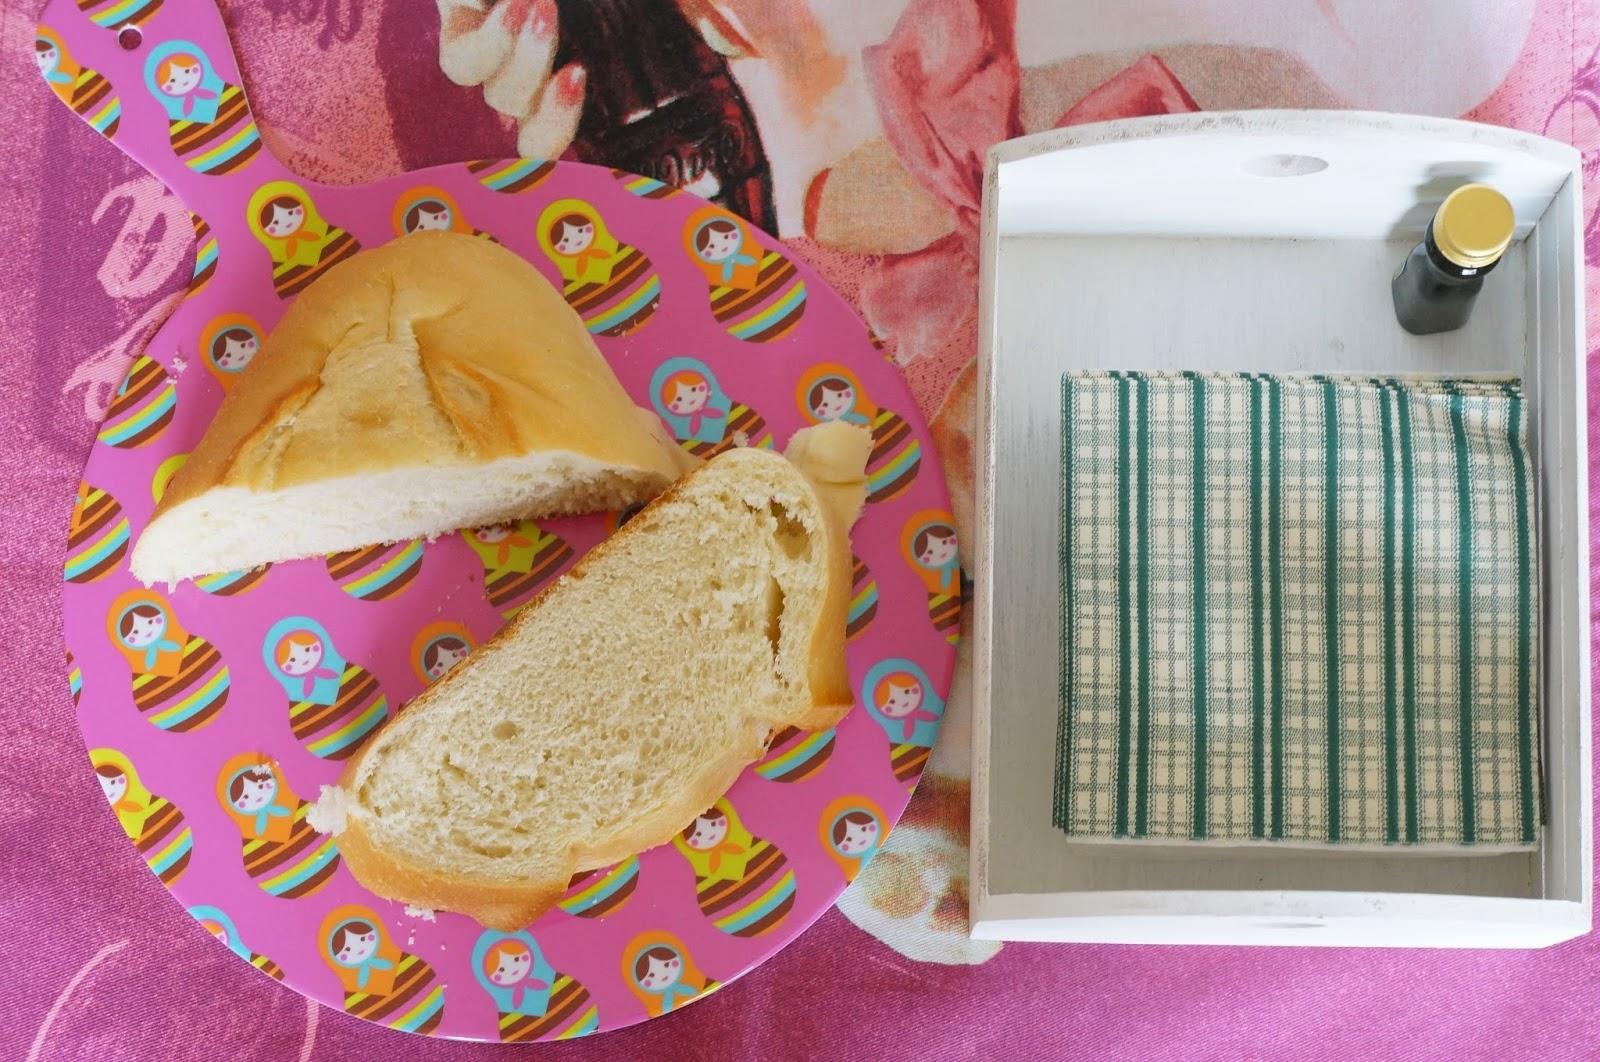 pano de prato e cestinha branca na mesma composição